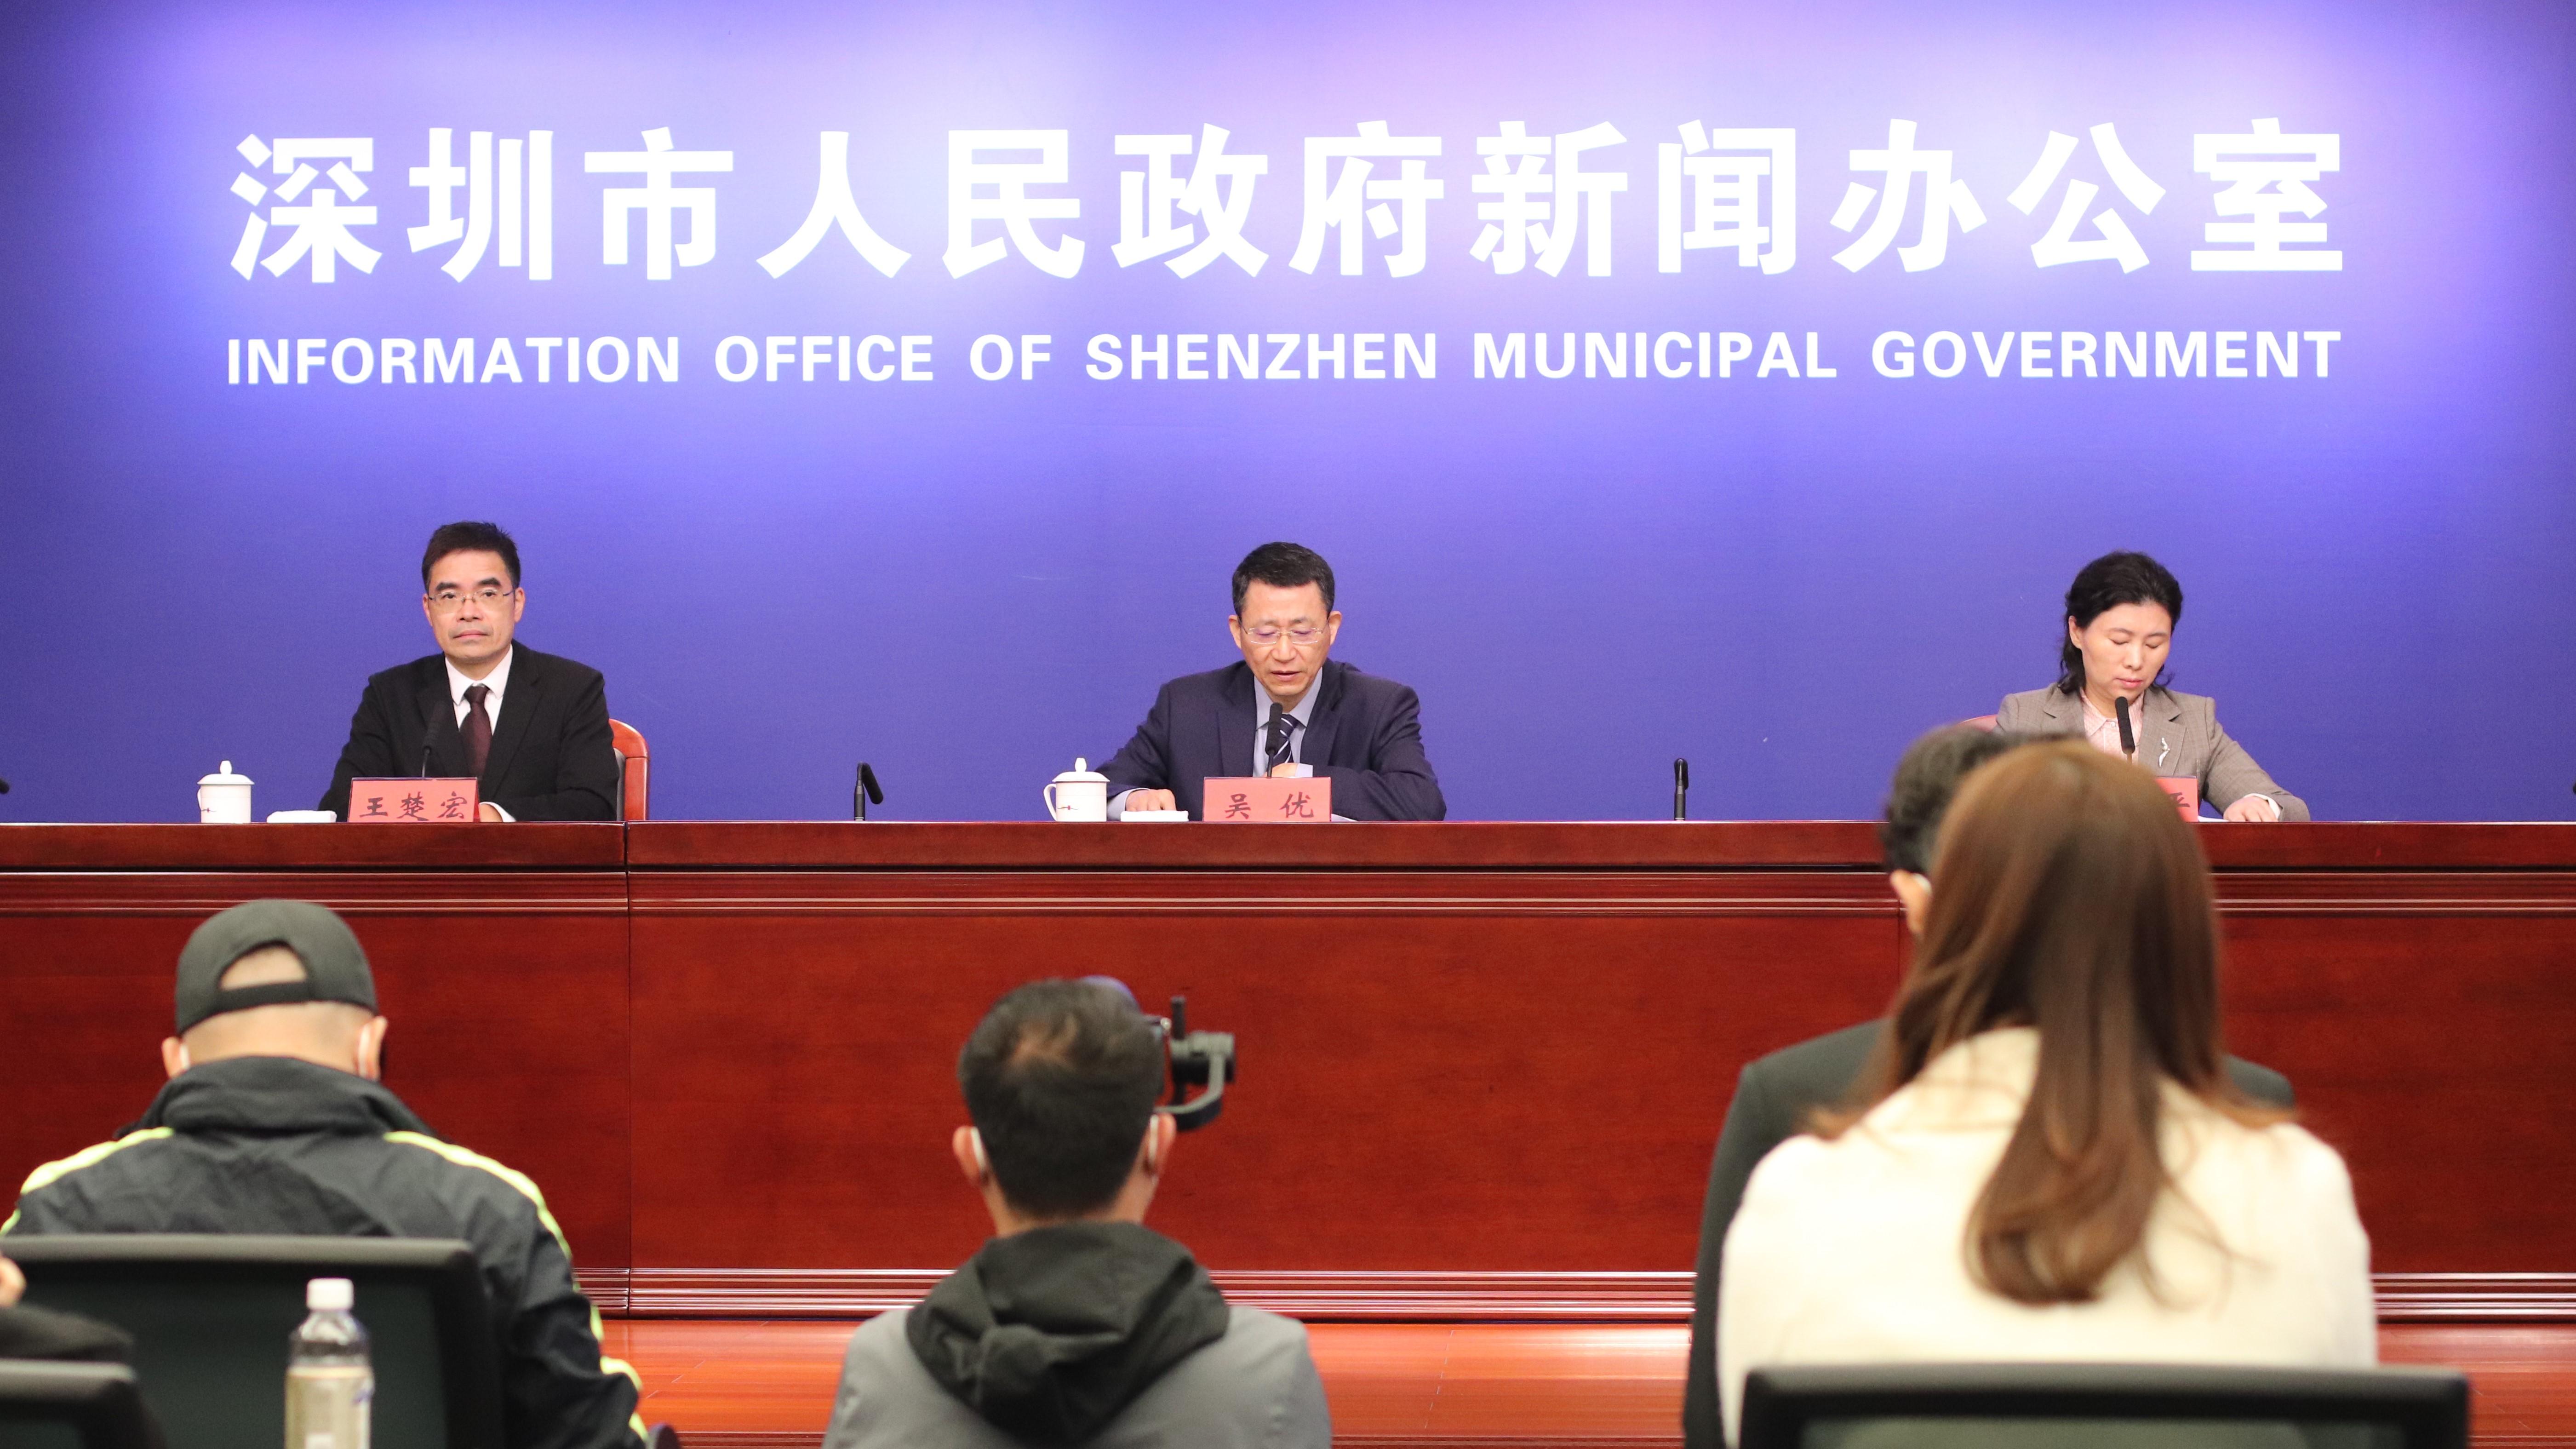 深圳市政府新闻办新闻发布会-2020全球5G应用大赛(中国·深圳)